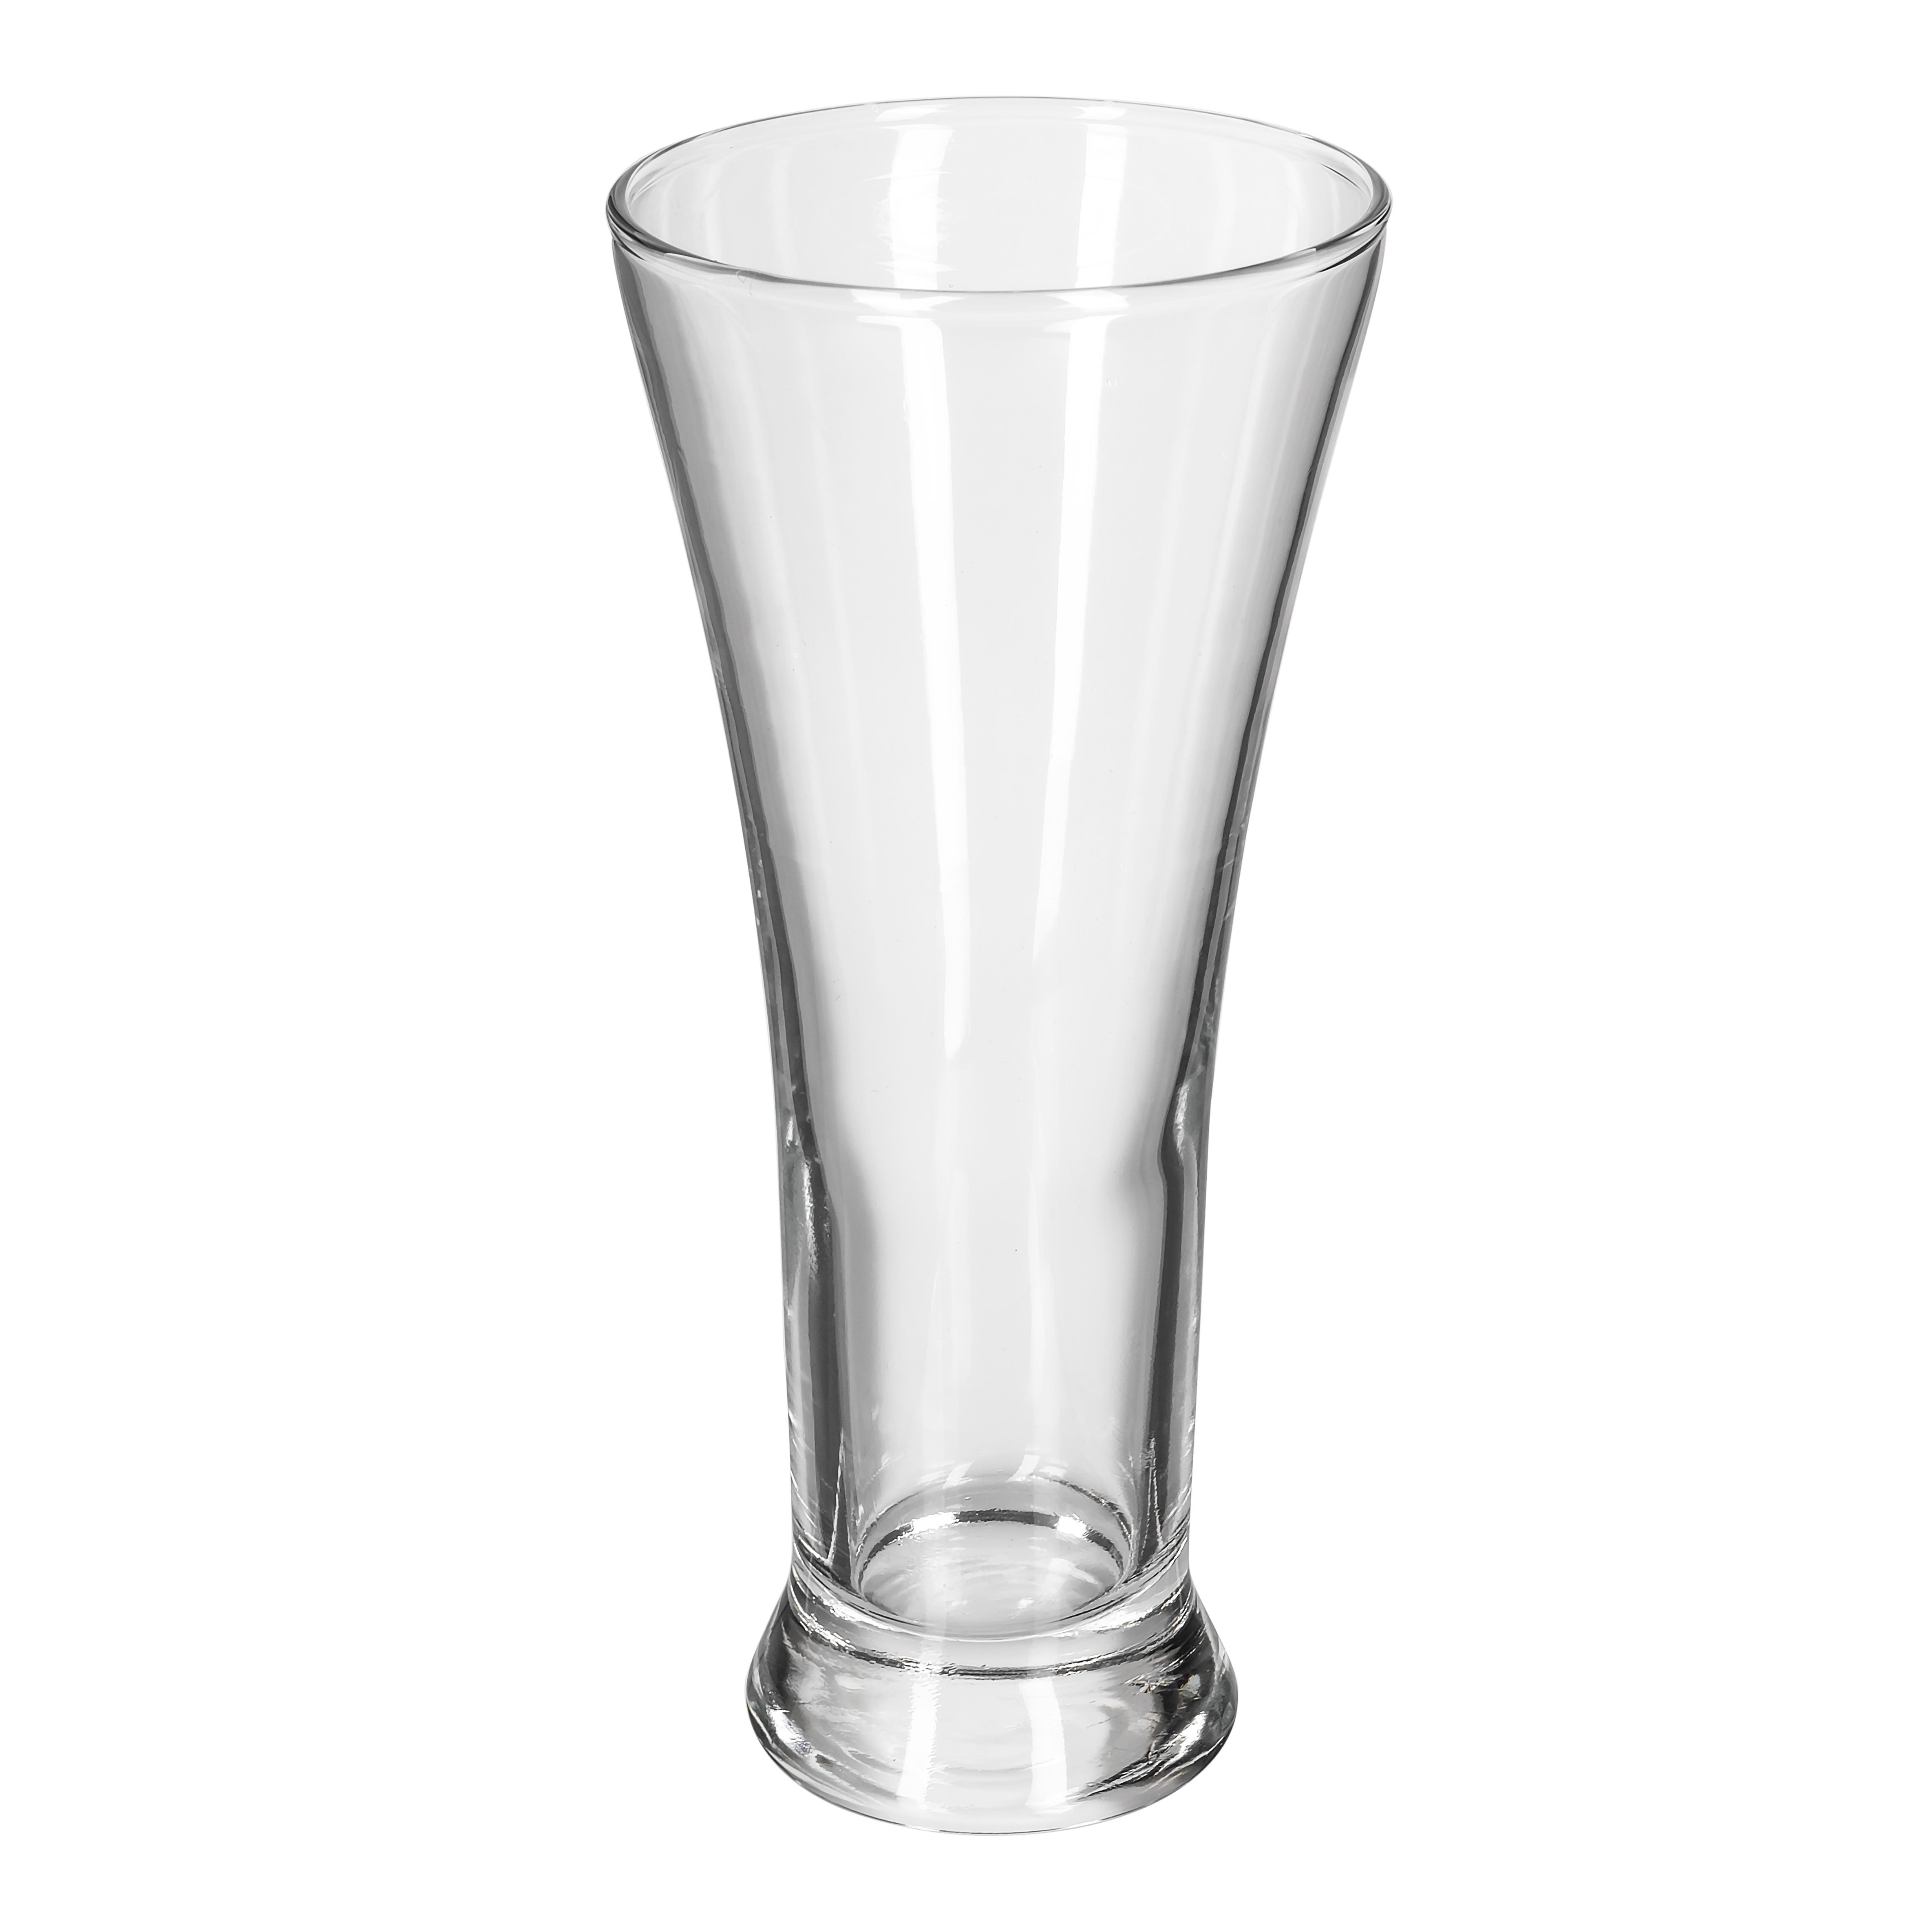 Libbey 1240HT 10-oz Flared Top Pilsner Glass - Safedge Rim